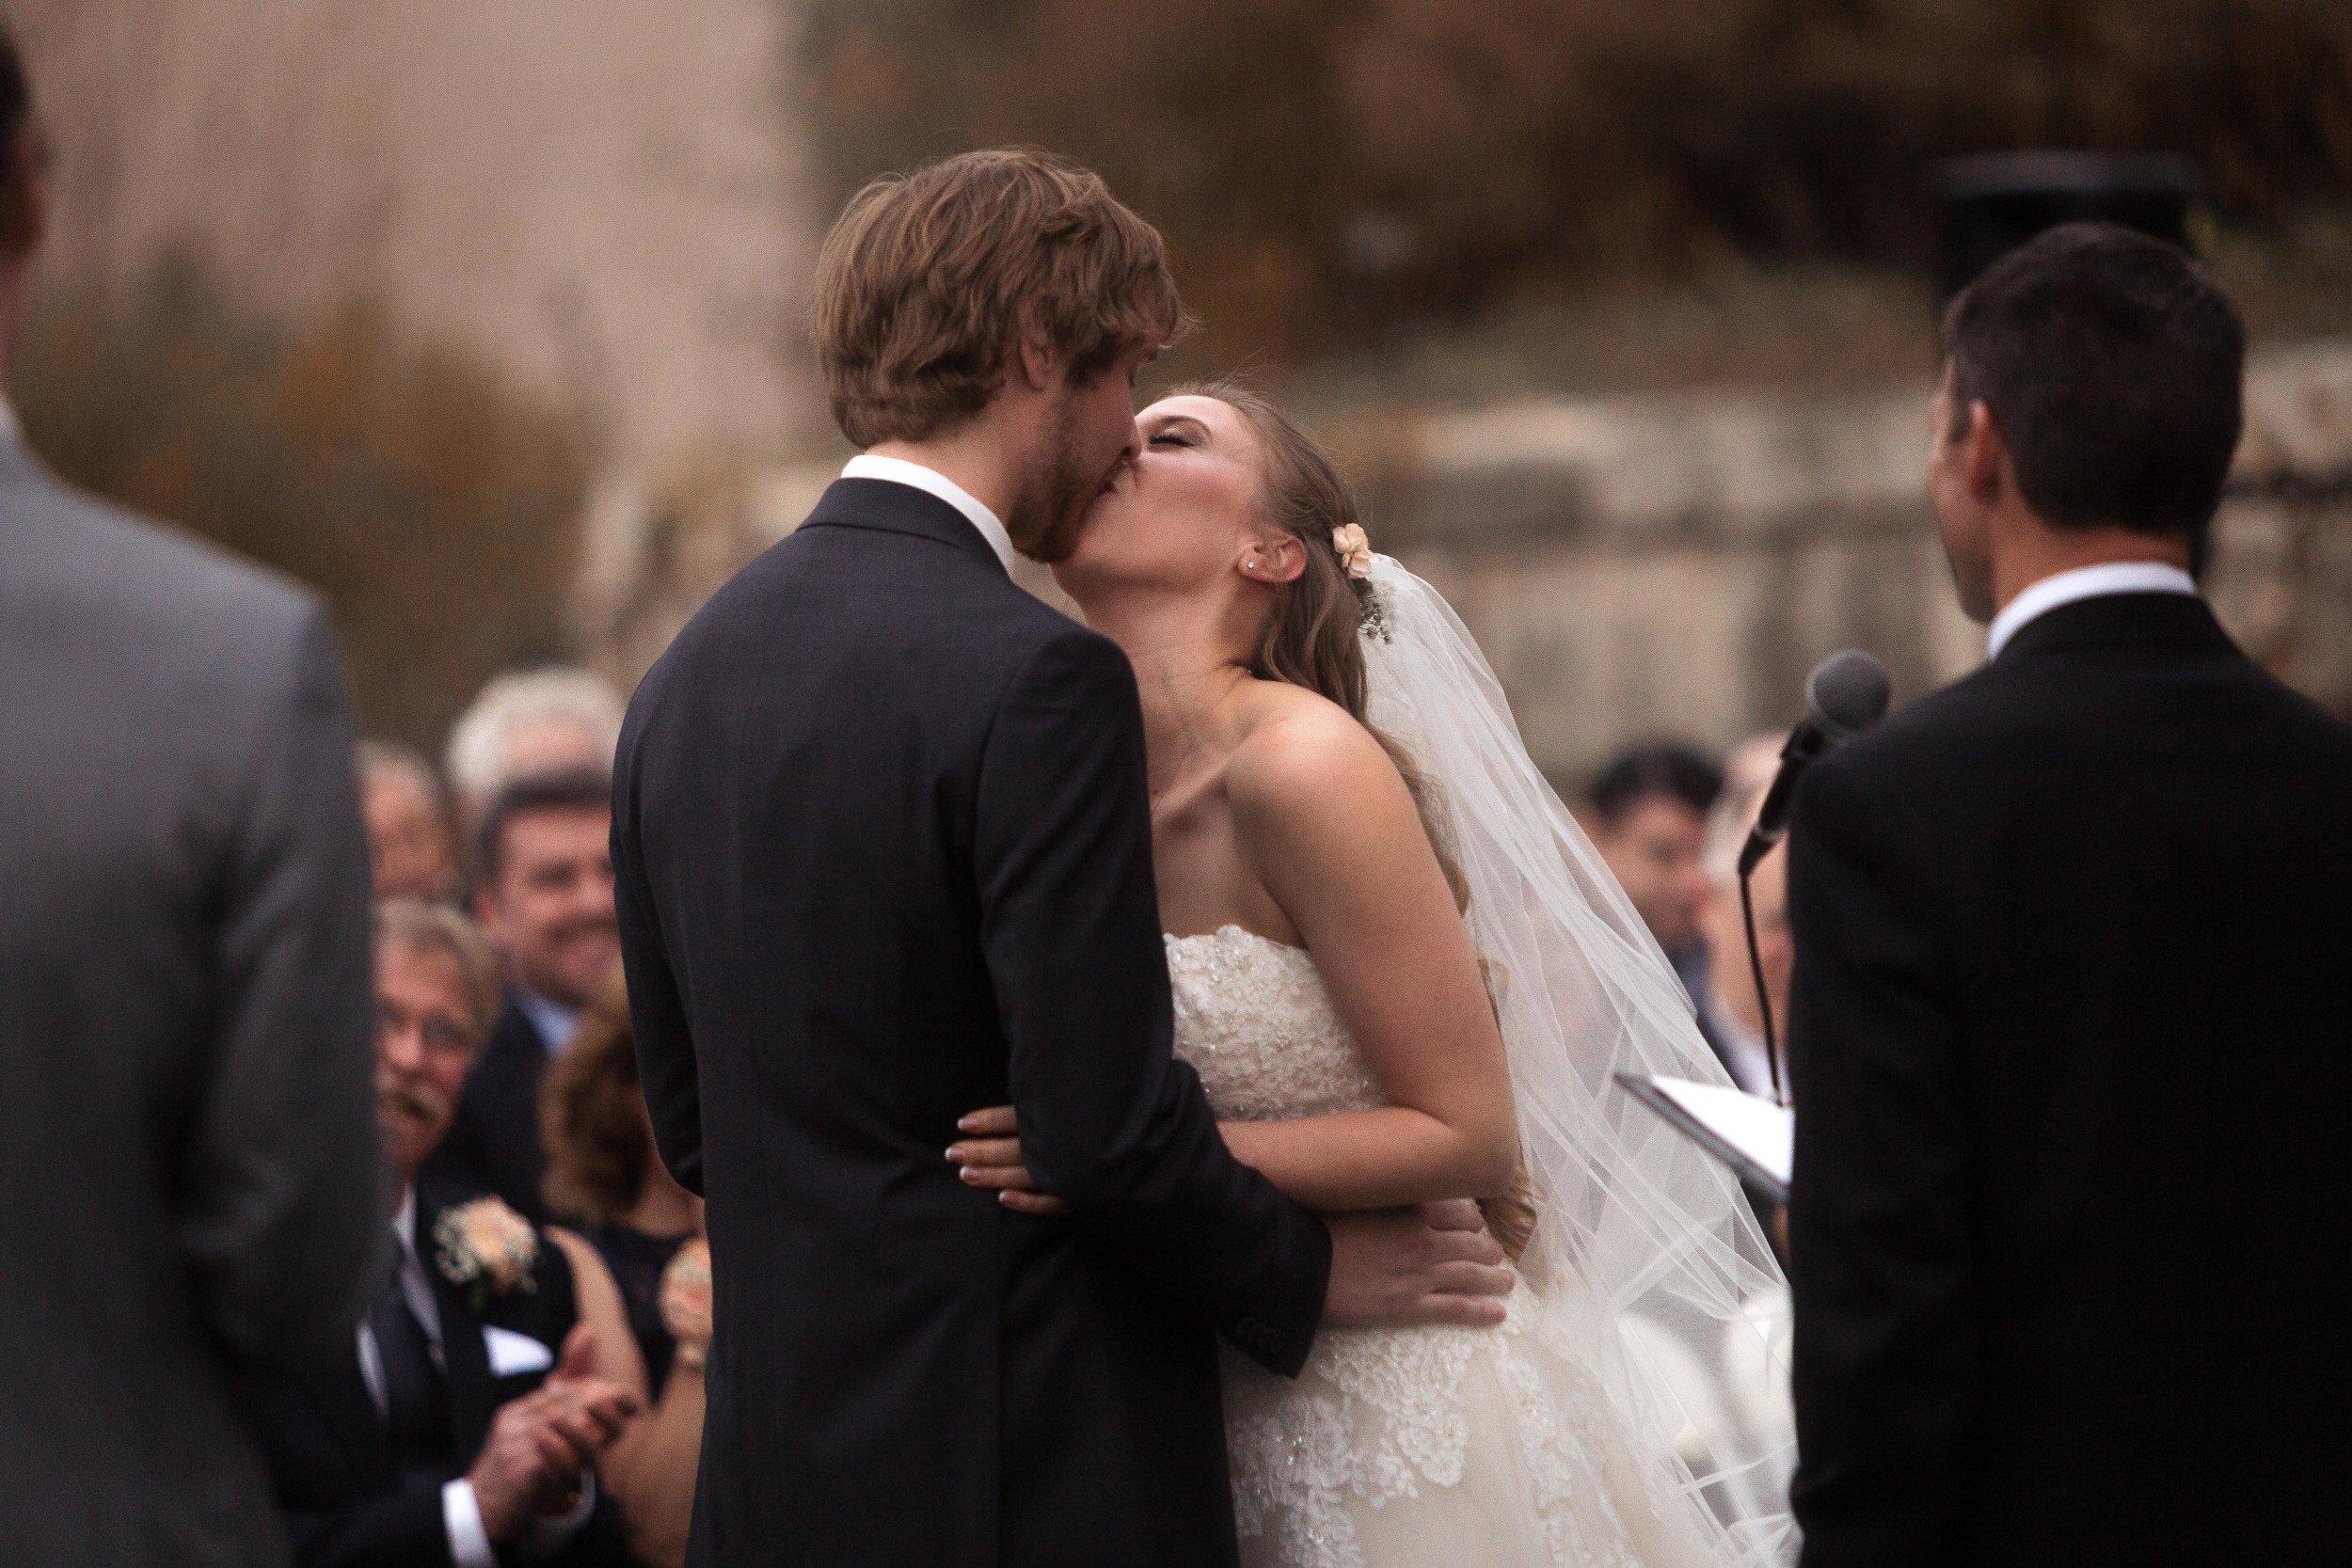 C_Wedding_Spellman, Megan & Tyler_10.27.18-1650.JPG